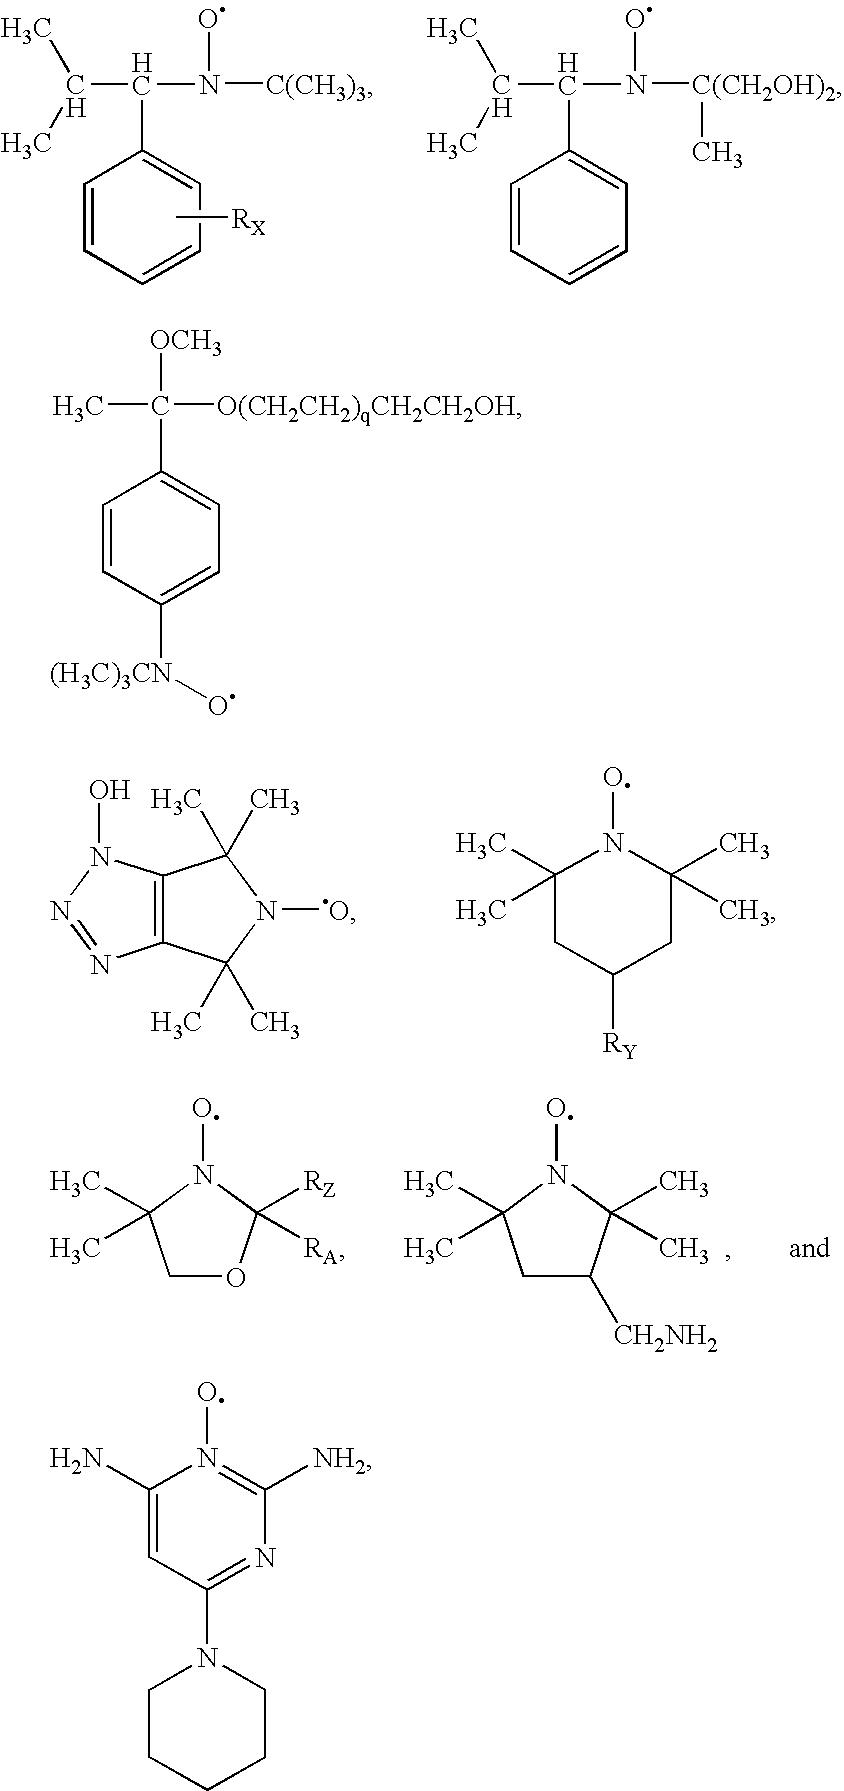 Figure US20080014245A1-20080117-C00016